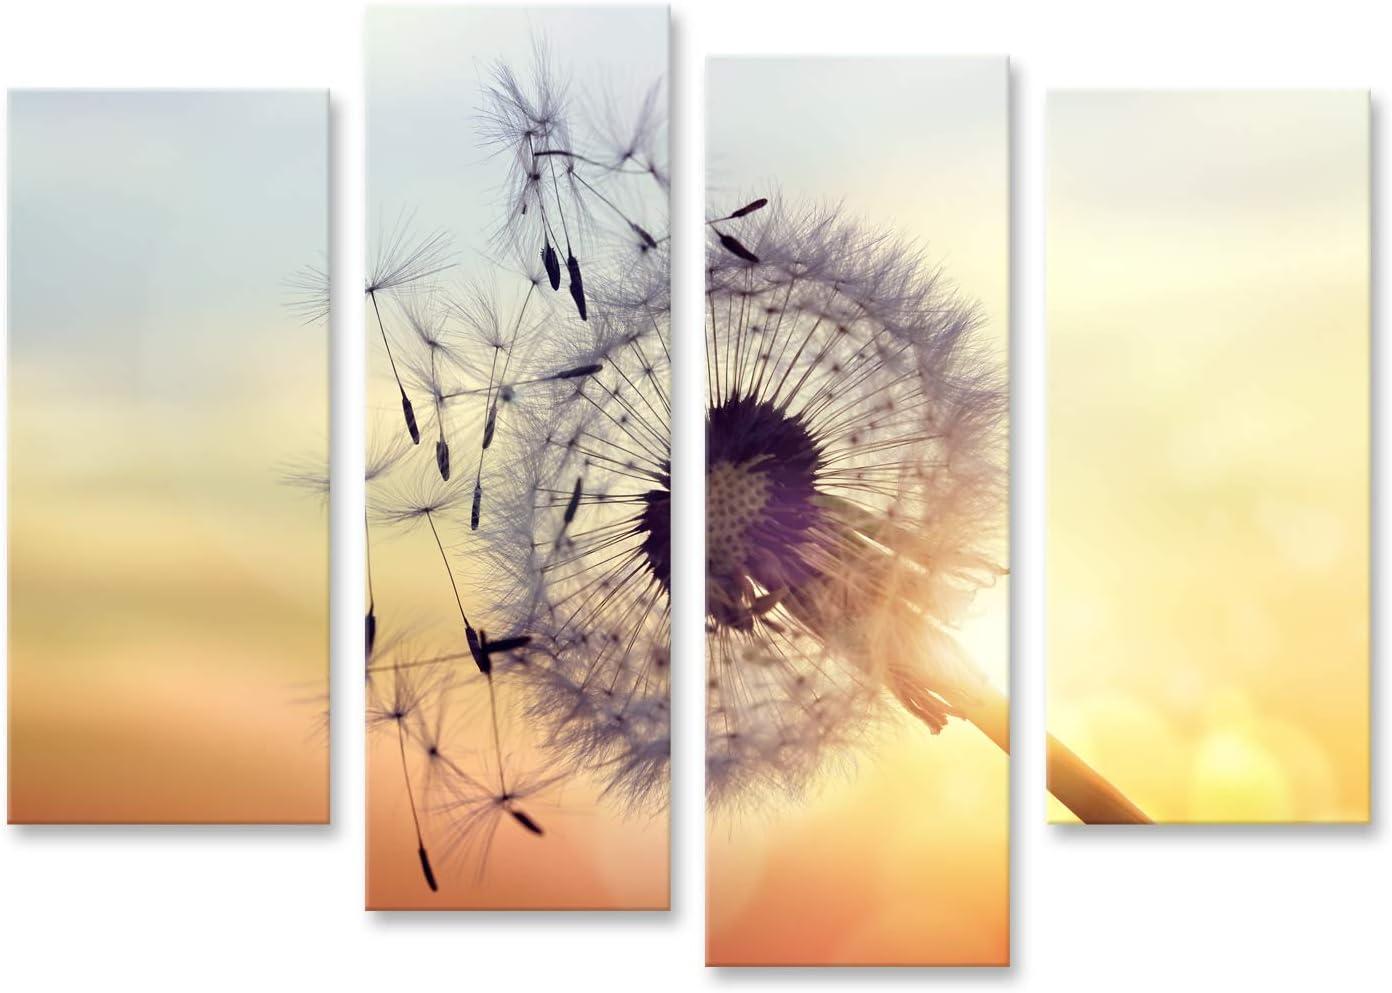 Cuadro Cuadros Silueta de Diente de león contra la Puesta de Sol con Semillas soplando al Viento Impresión Lienzo Formato Grande Cuadros Modernos Run